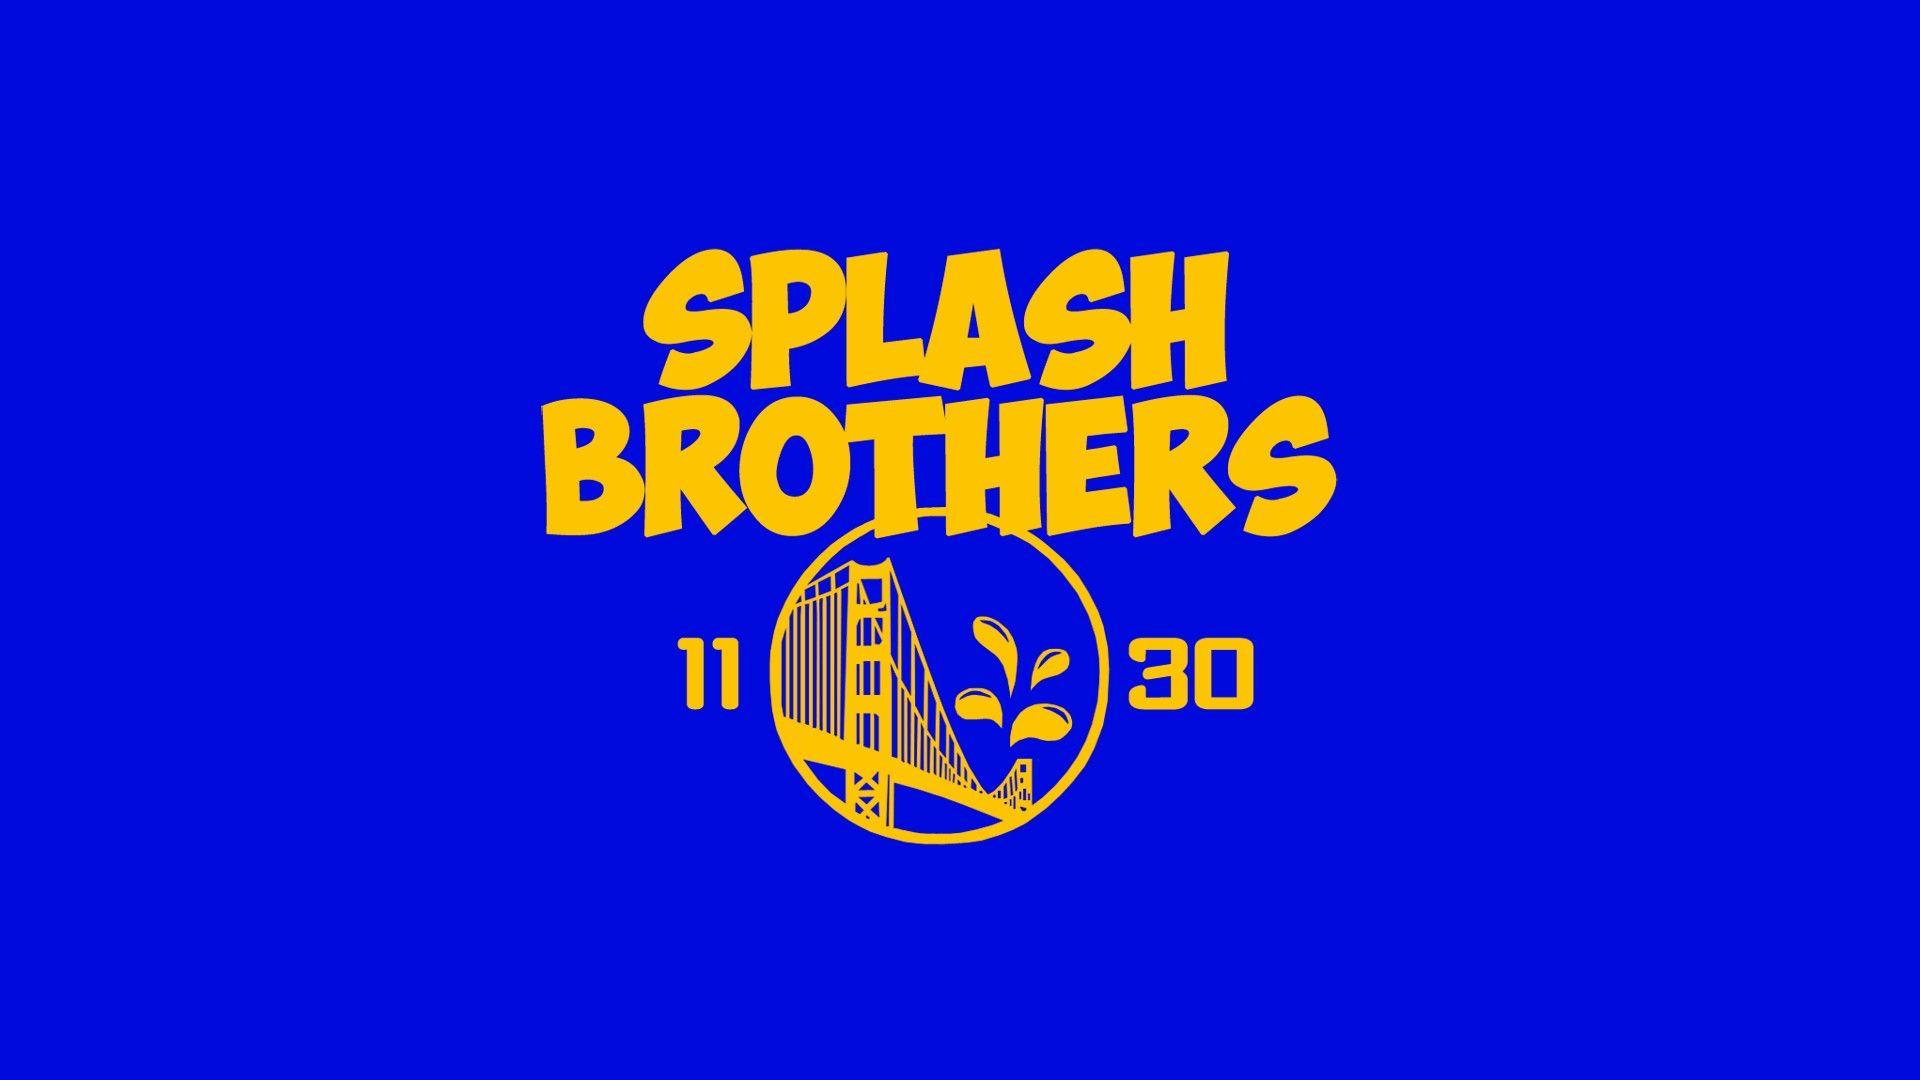 Download Wallpaper Logo Golden State Warriors - 199266fa8724c525d8109d8eff3c1712  Photograph_439545.jpg